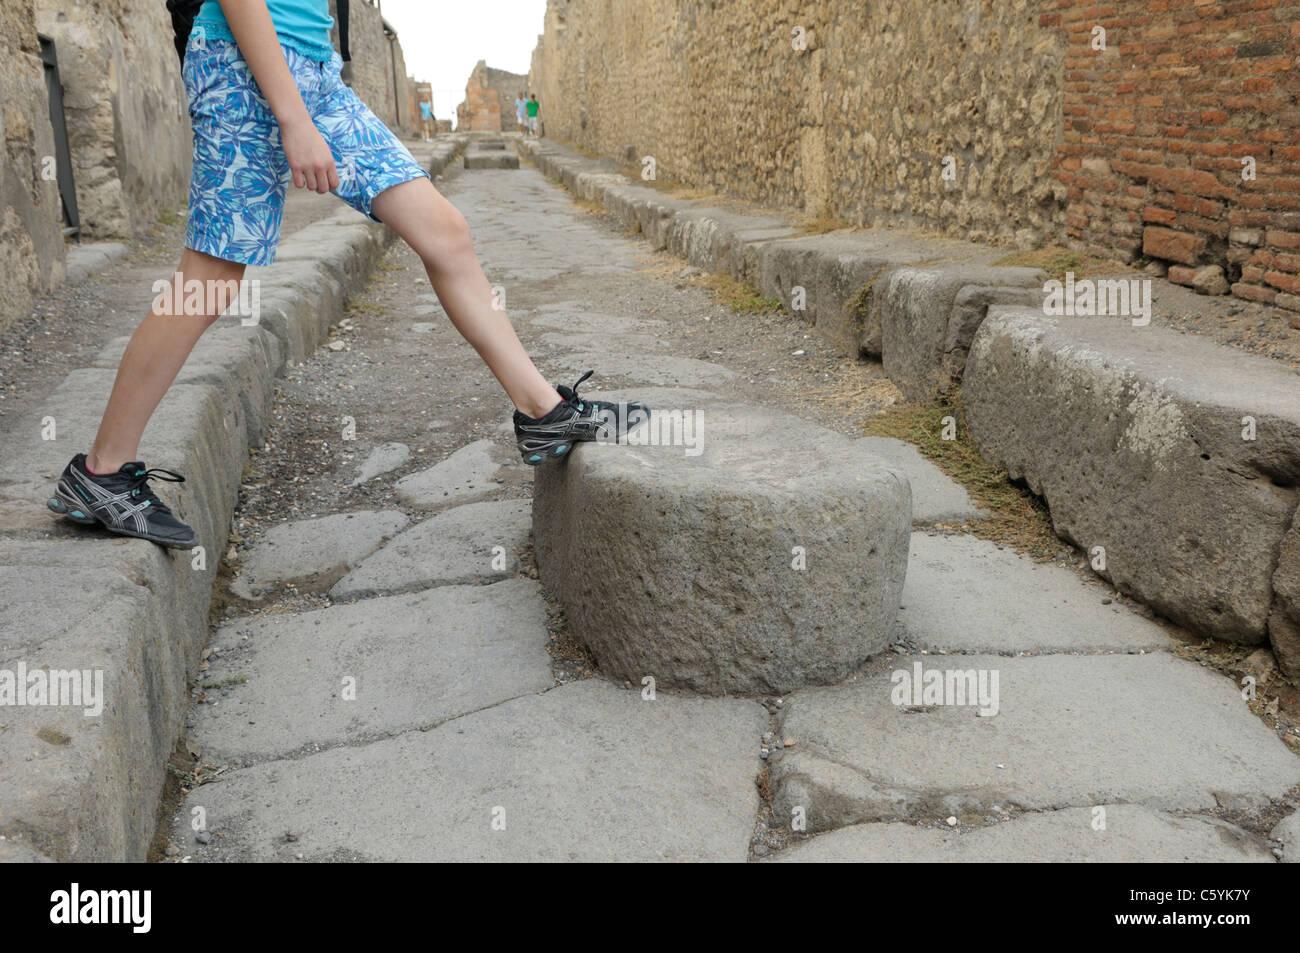 Cruzar una calle de Pompeya. Las grandes piedras ayudó a ciudadanos crucen caminos descuidada, aunque también Imagen De Stock